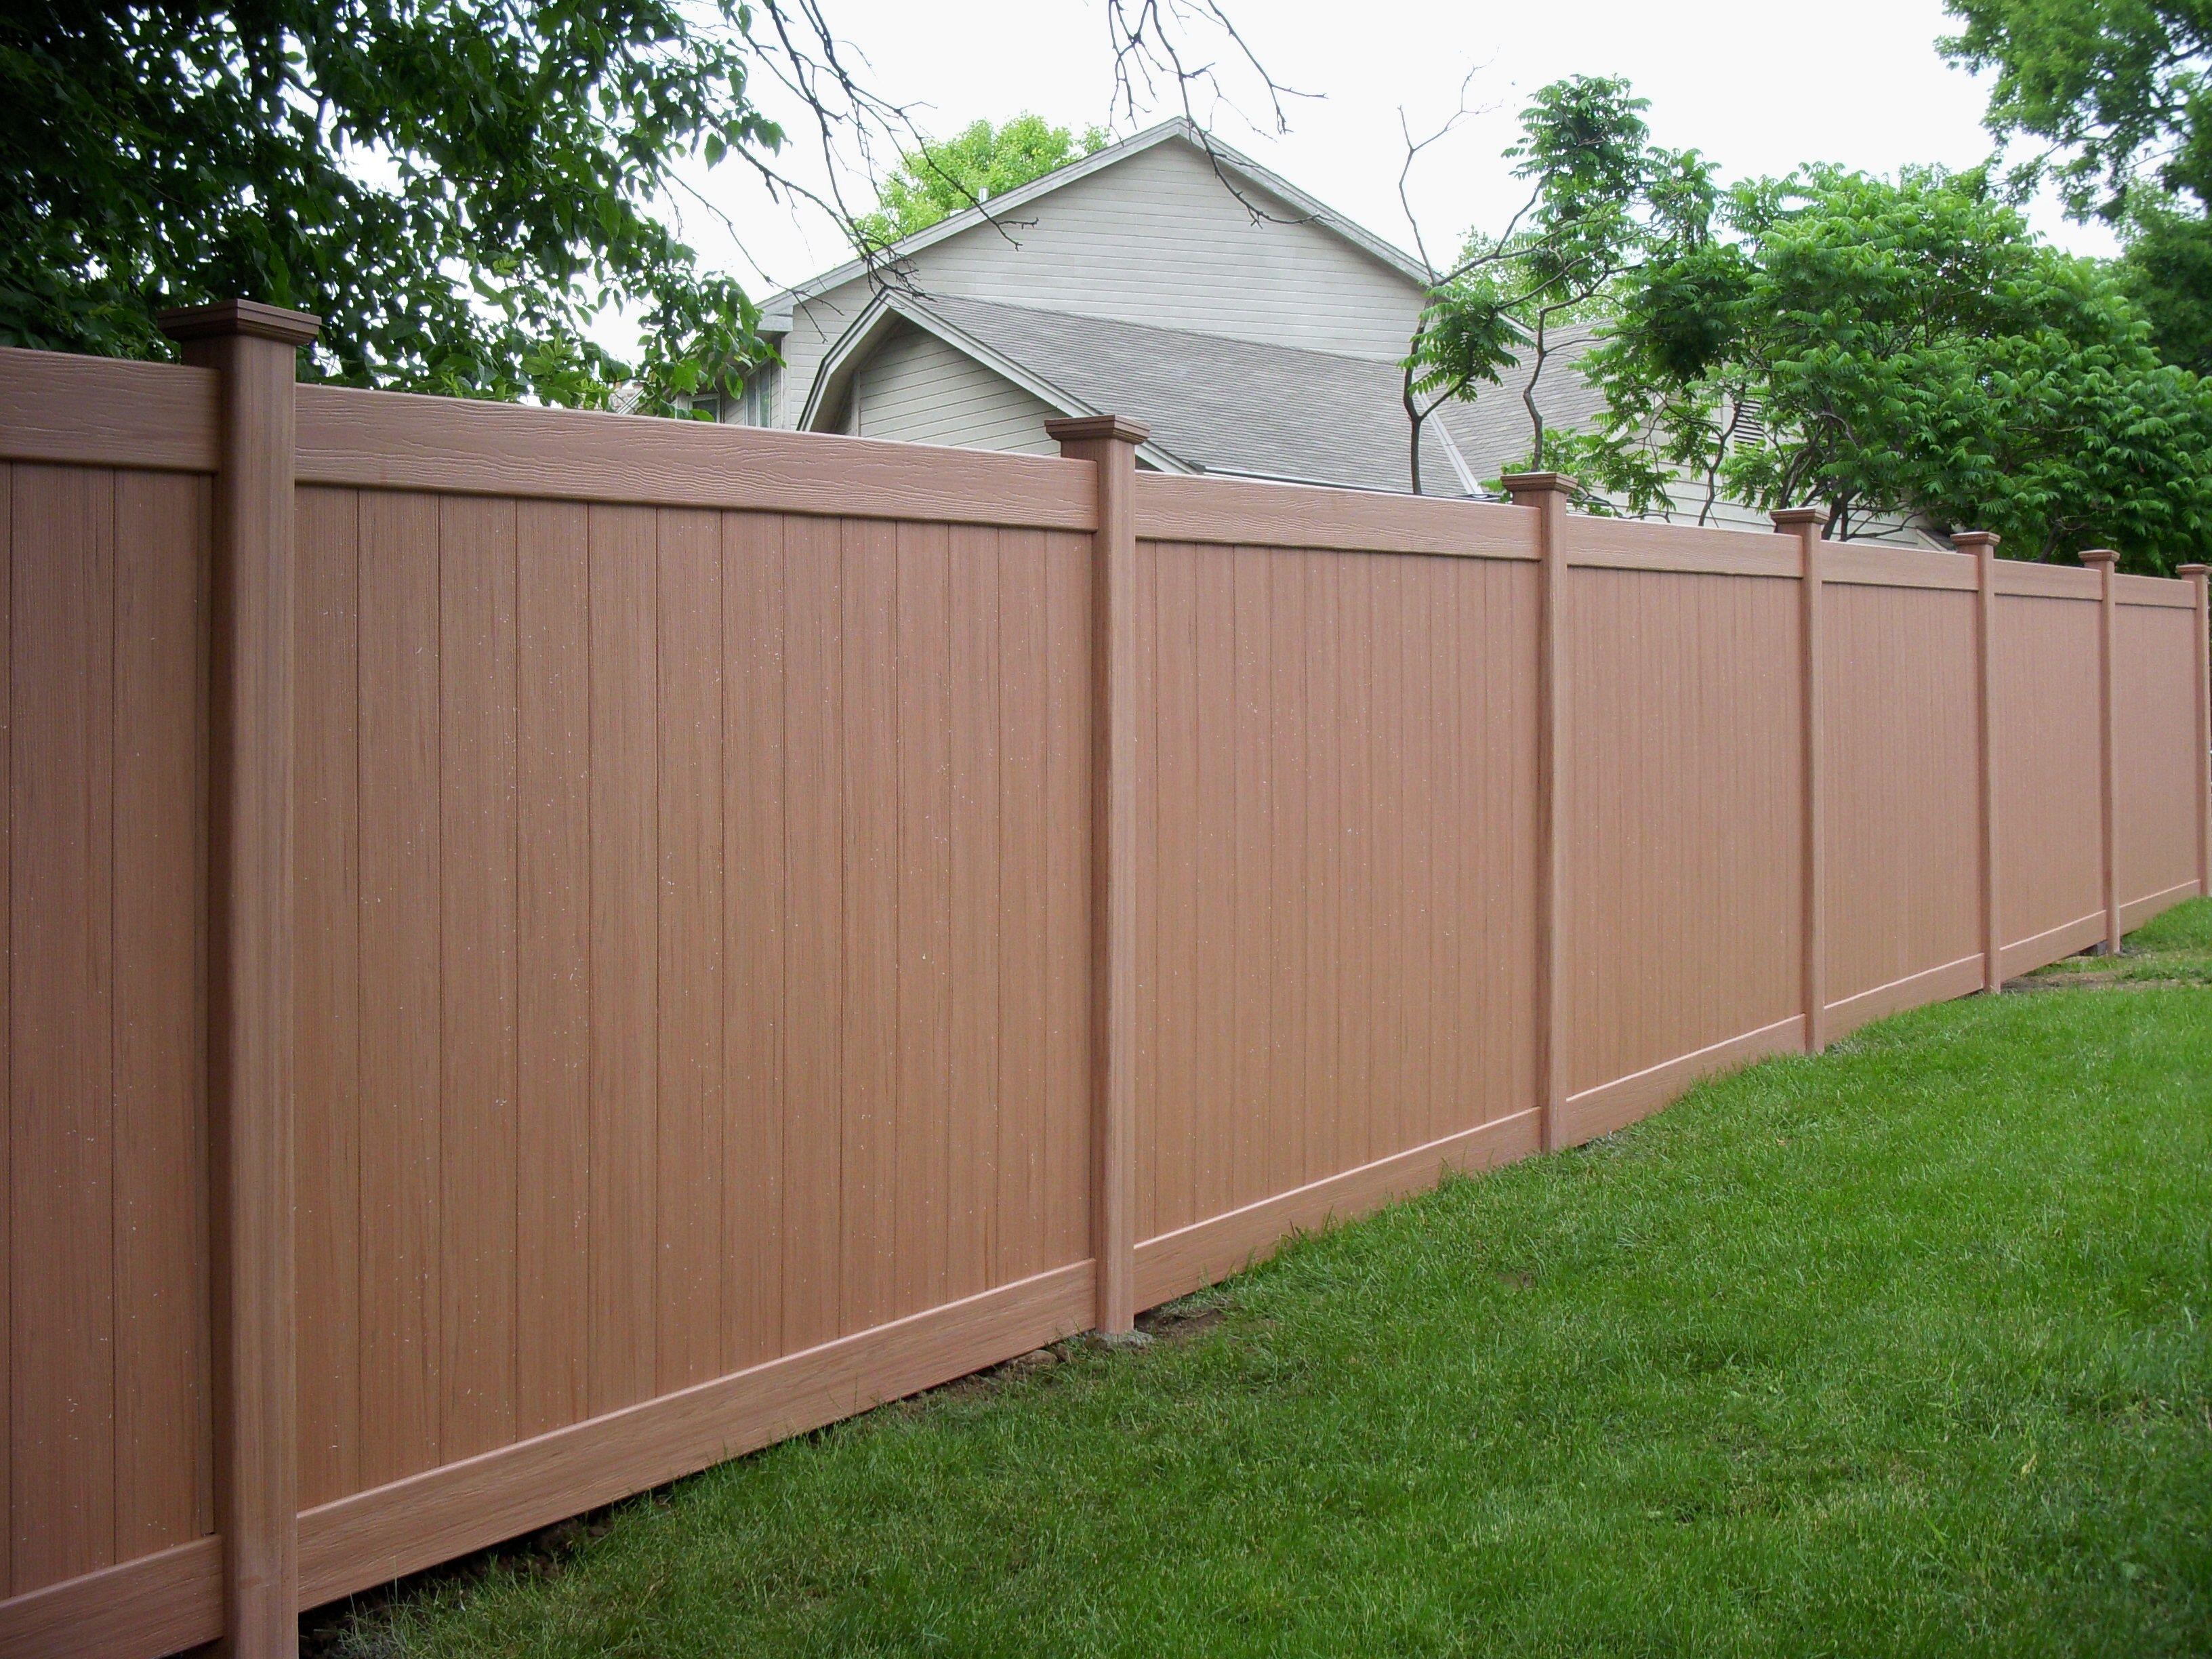 Wooden fences, fences: photos of original structures 71